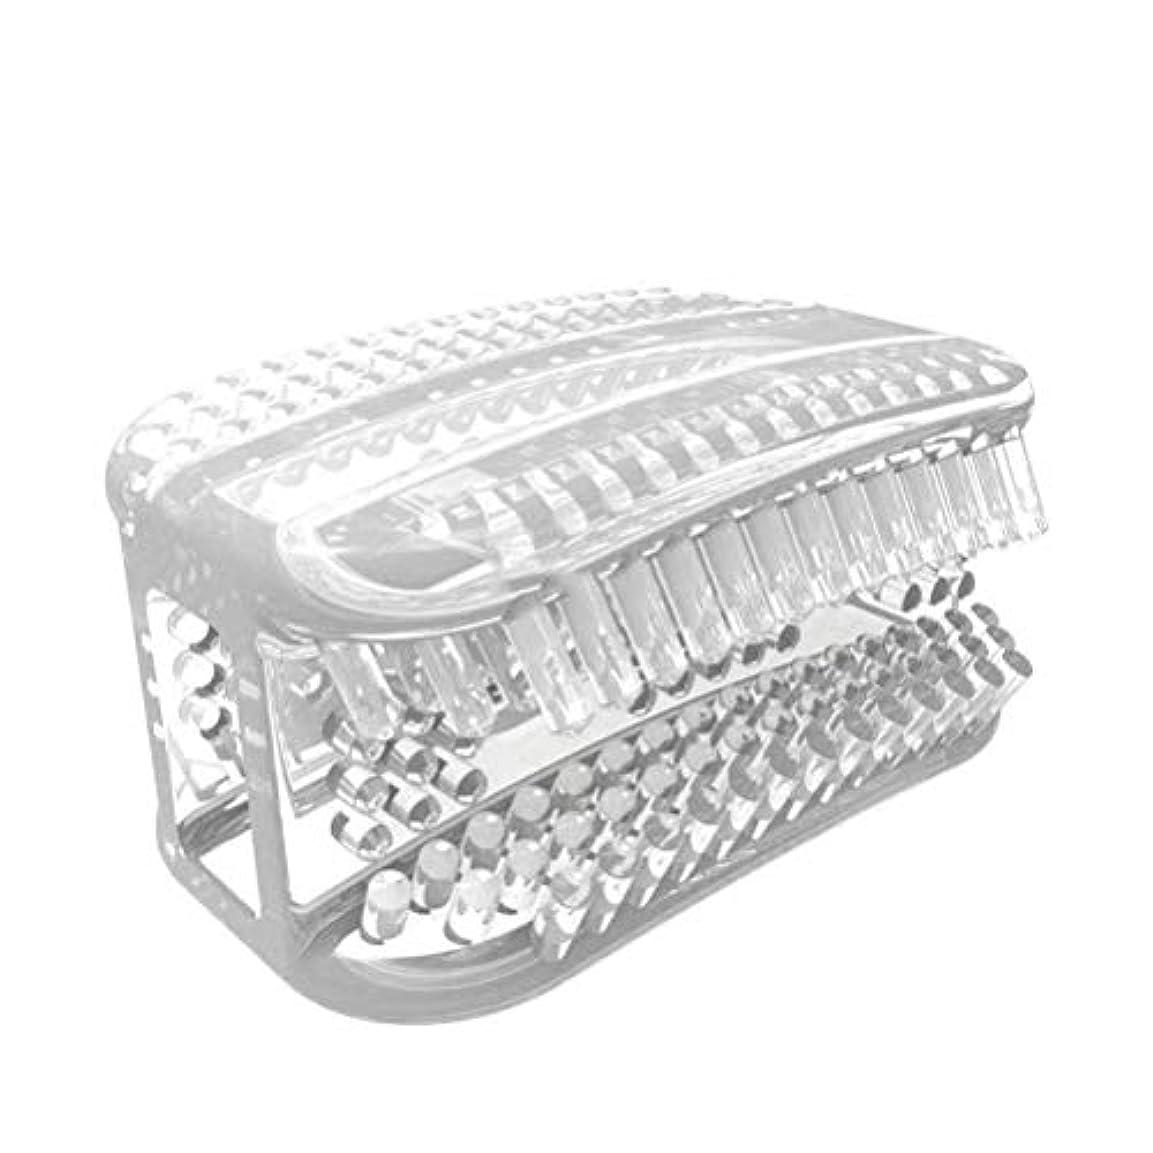 入射モノグラフお肉SUPVOX シリコン歯ブラシポータブル怠惰な人360°全周咀嚼歯ブラシ歯のクリーニングツール手動歯ブラシ(透明ホワイト)